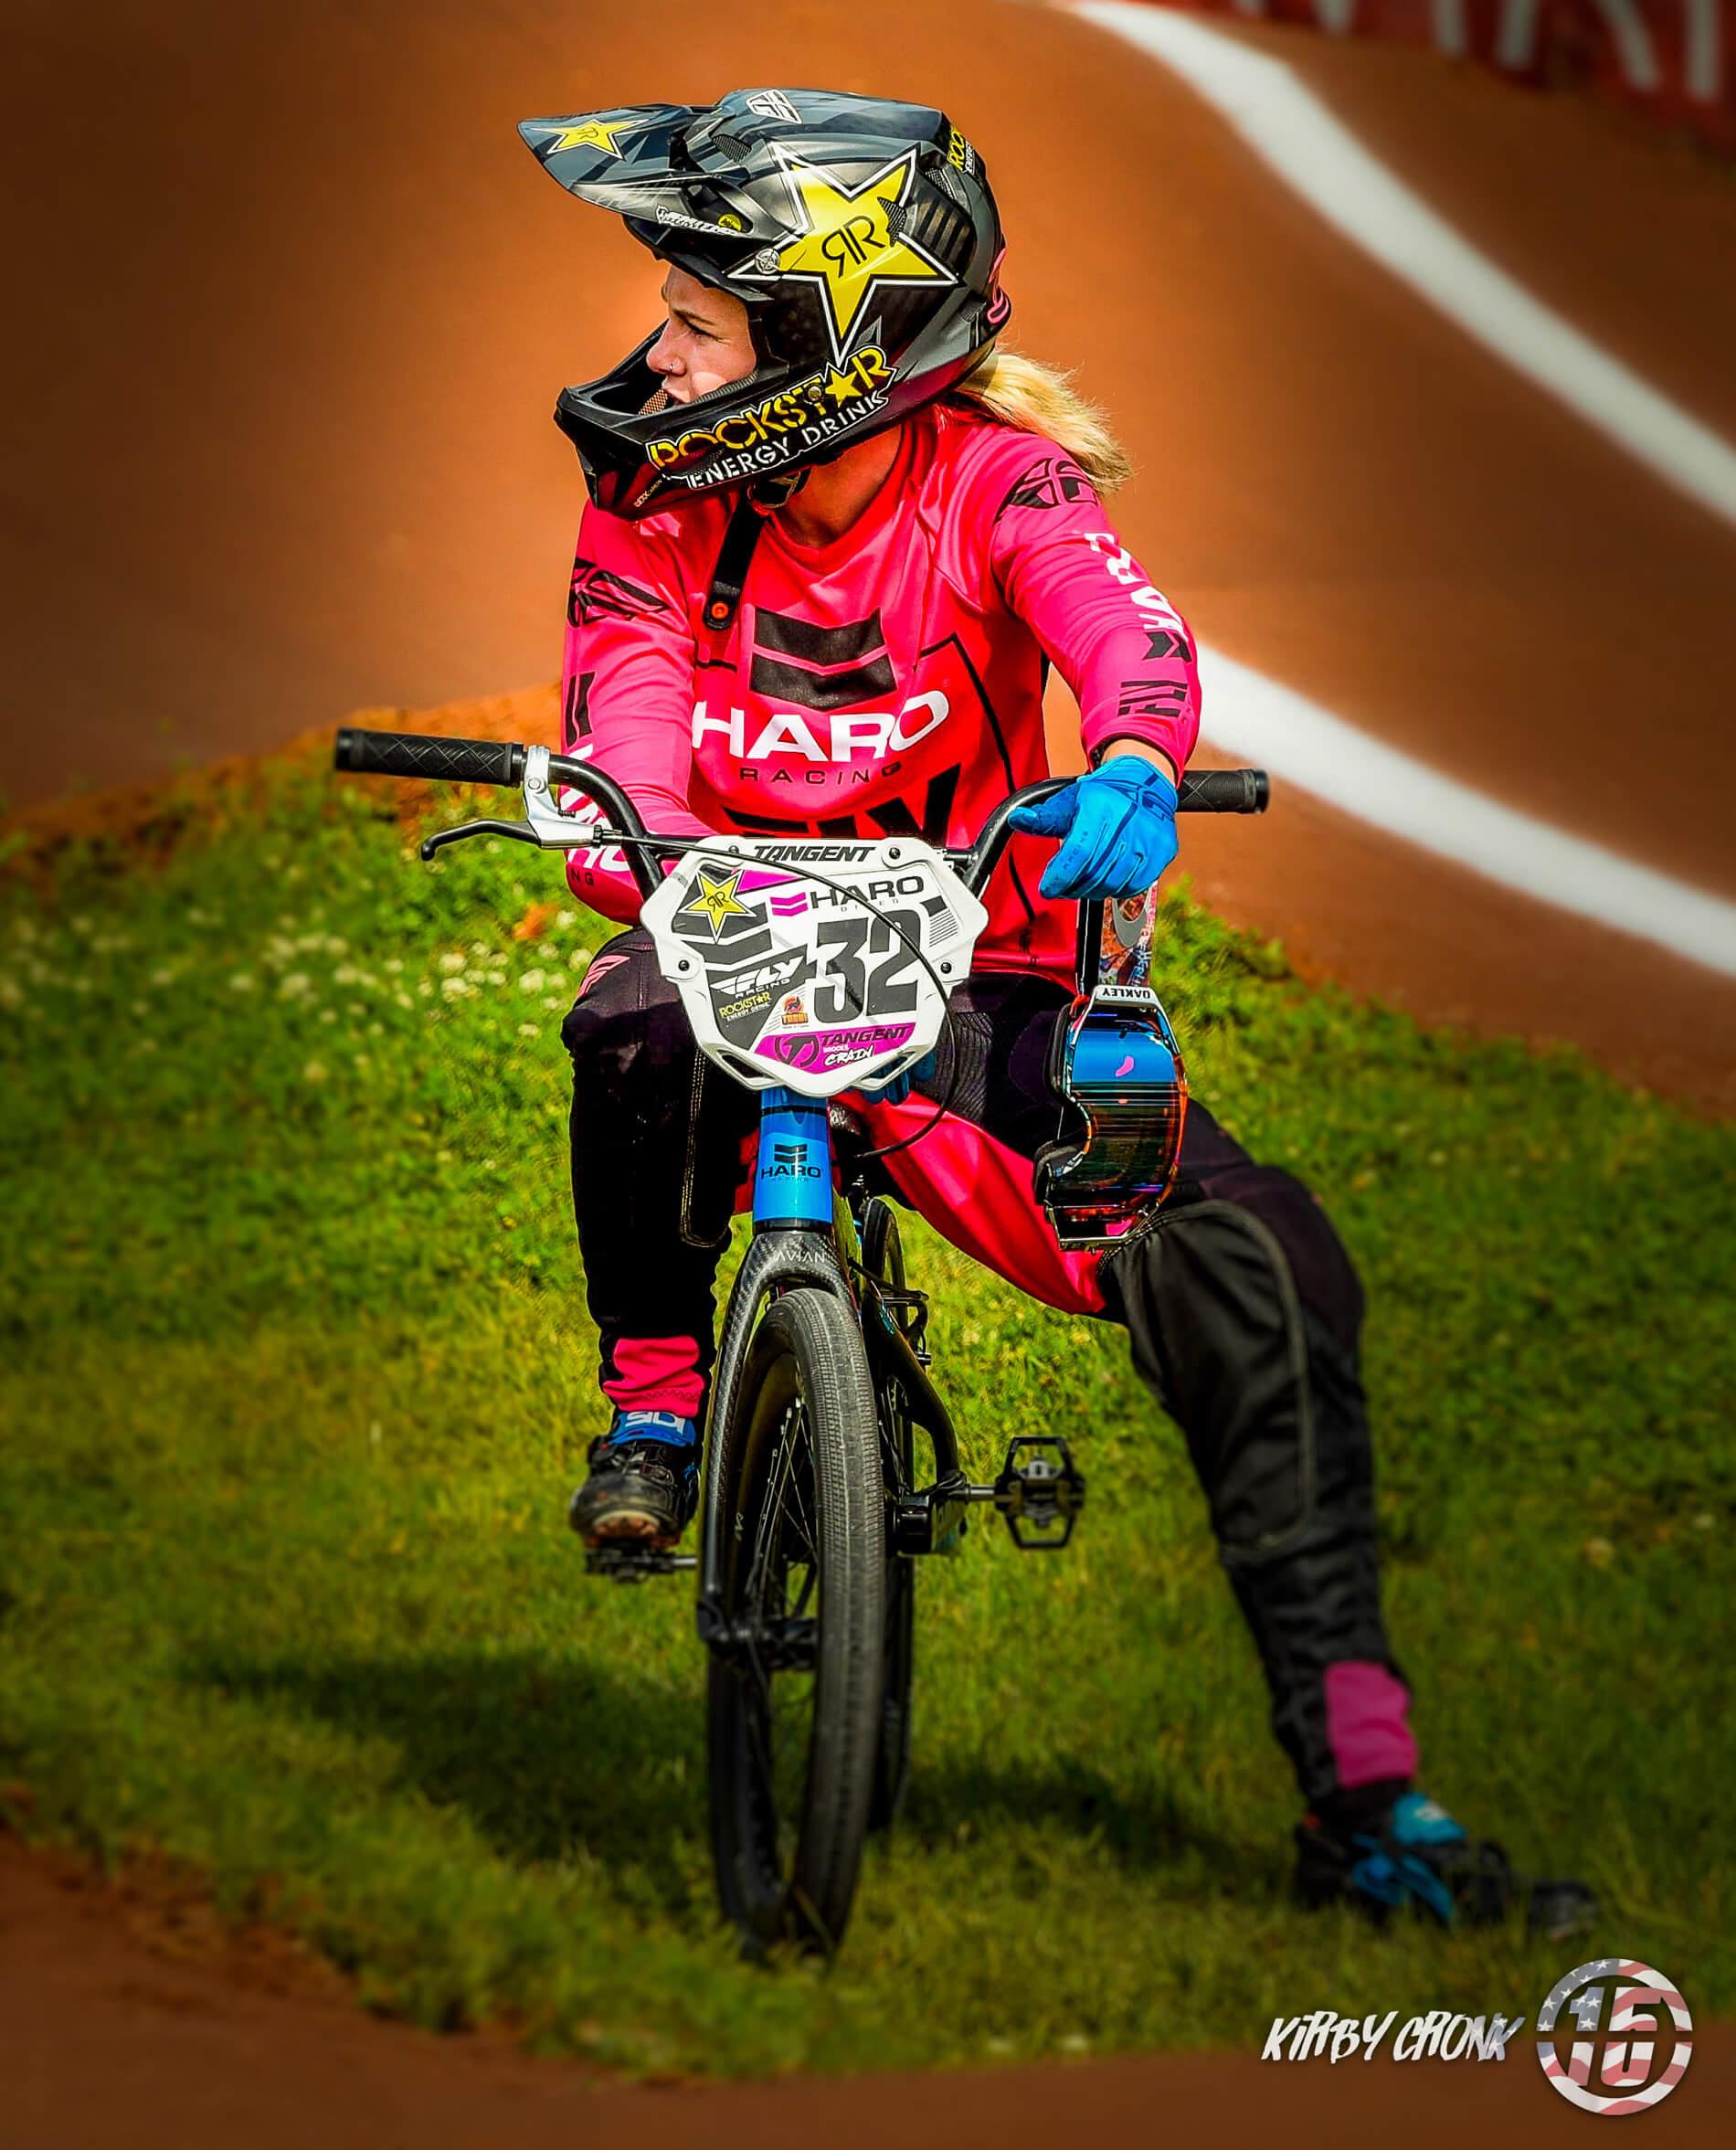 Brooke Crain 2018 USA Cycling - Kirby Cronk